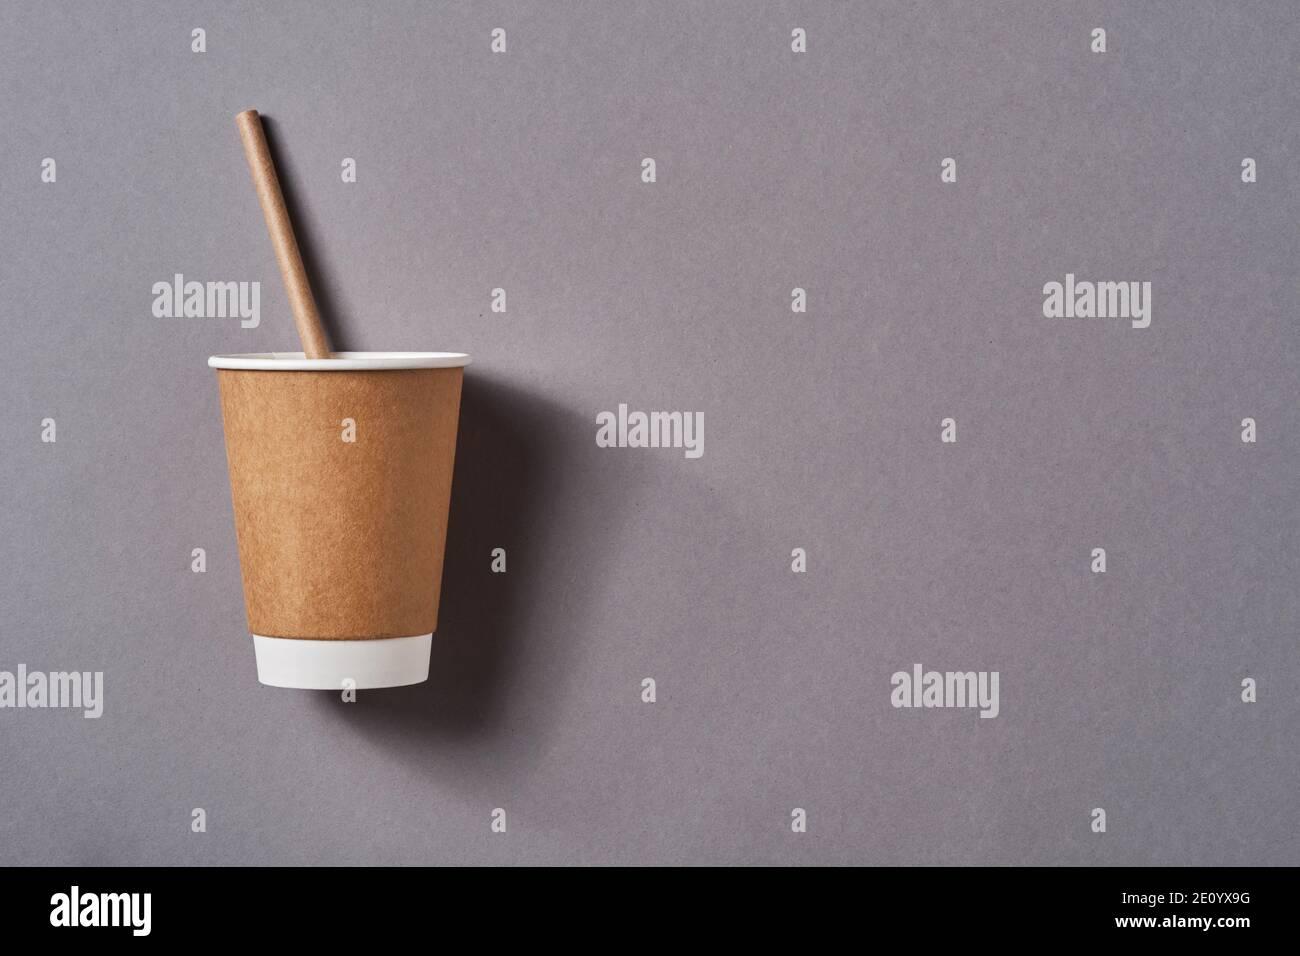 Taza de café para llevar marrón con papel de paja potable sobre fondo de color gris tendencia. Cero desperdicio, concepto de estilo de vida sostenible. Vista superior Foto de stock